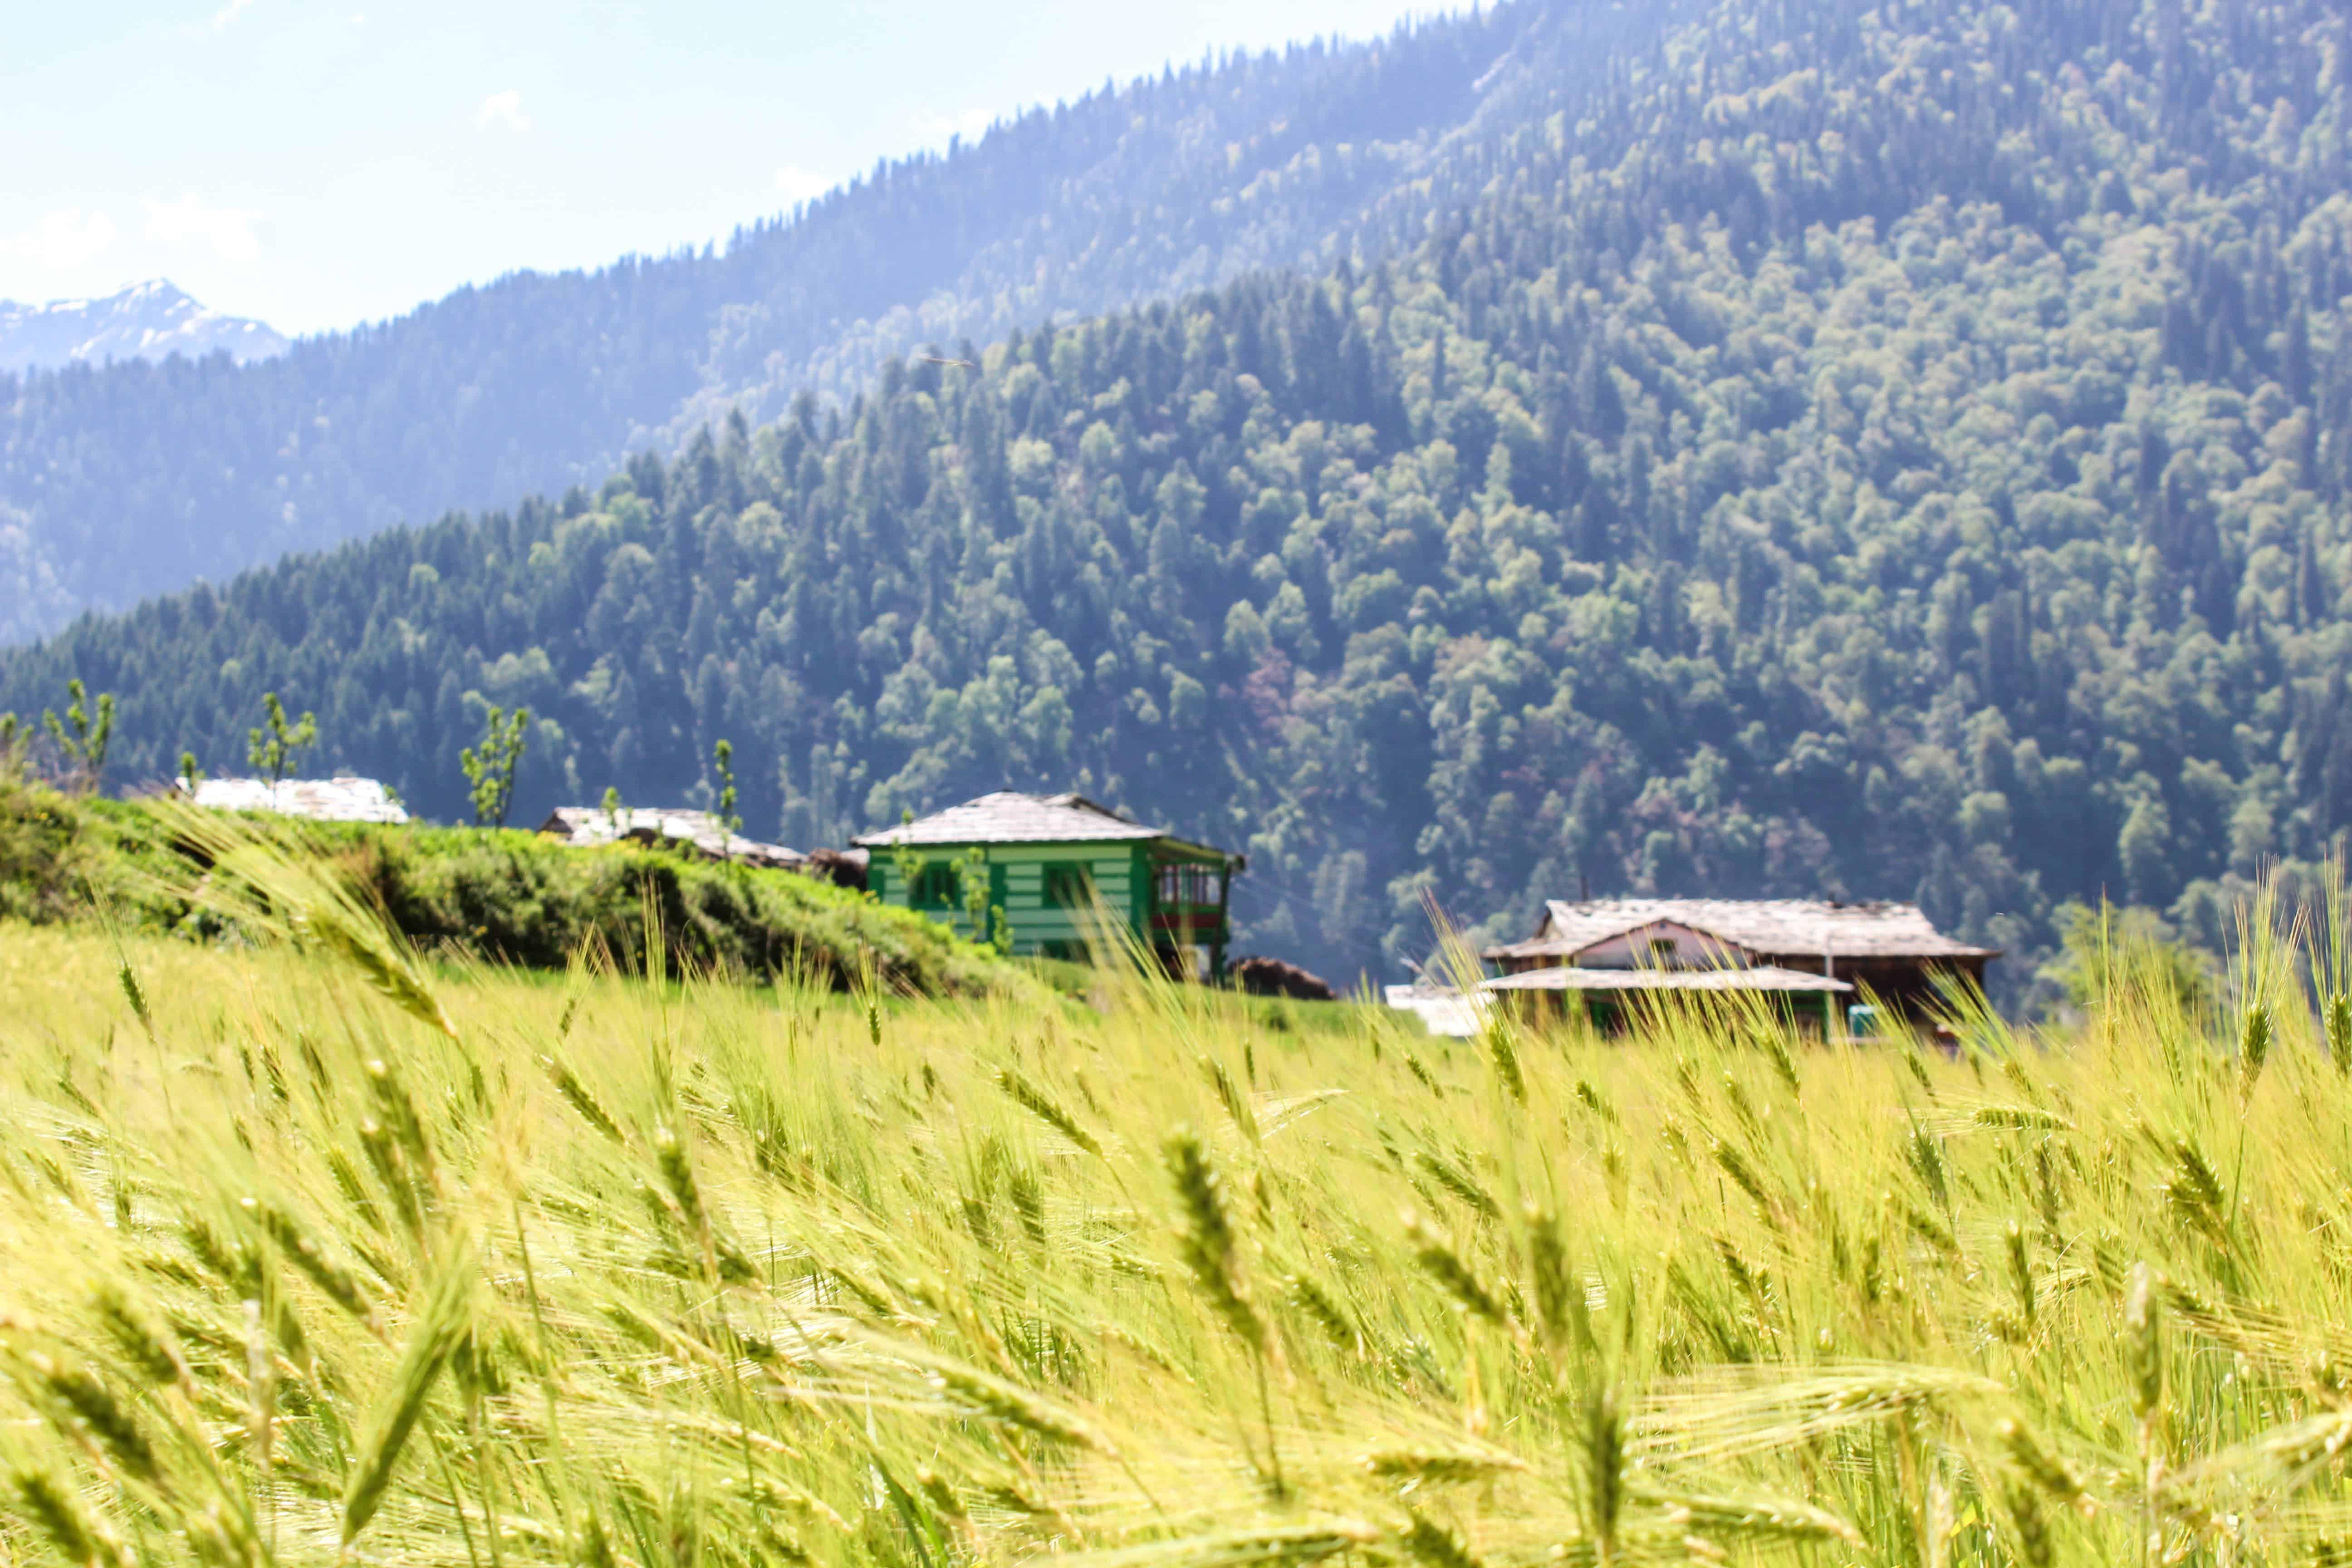 Barley fields in Sainj Valley